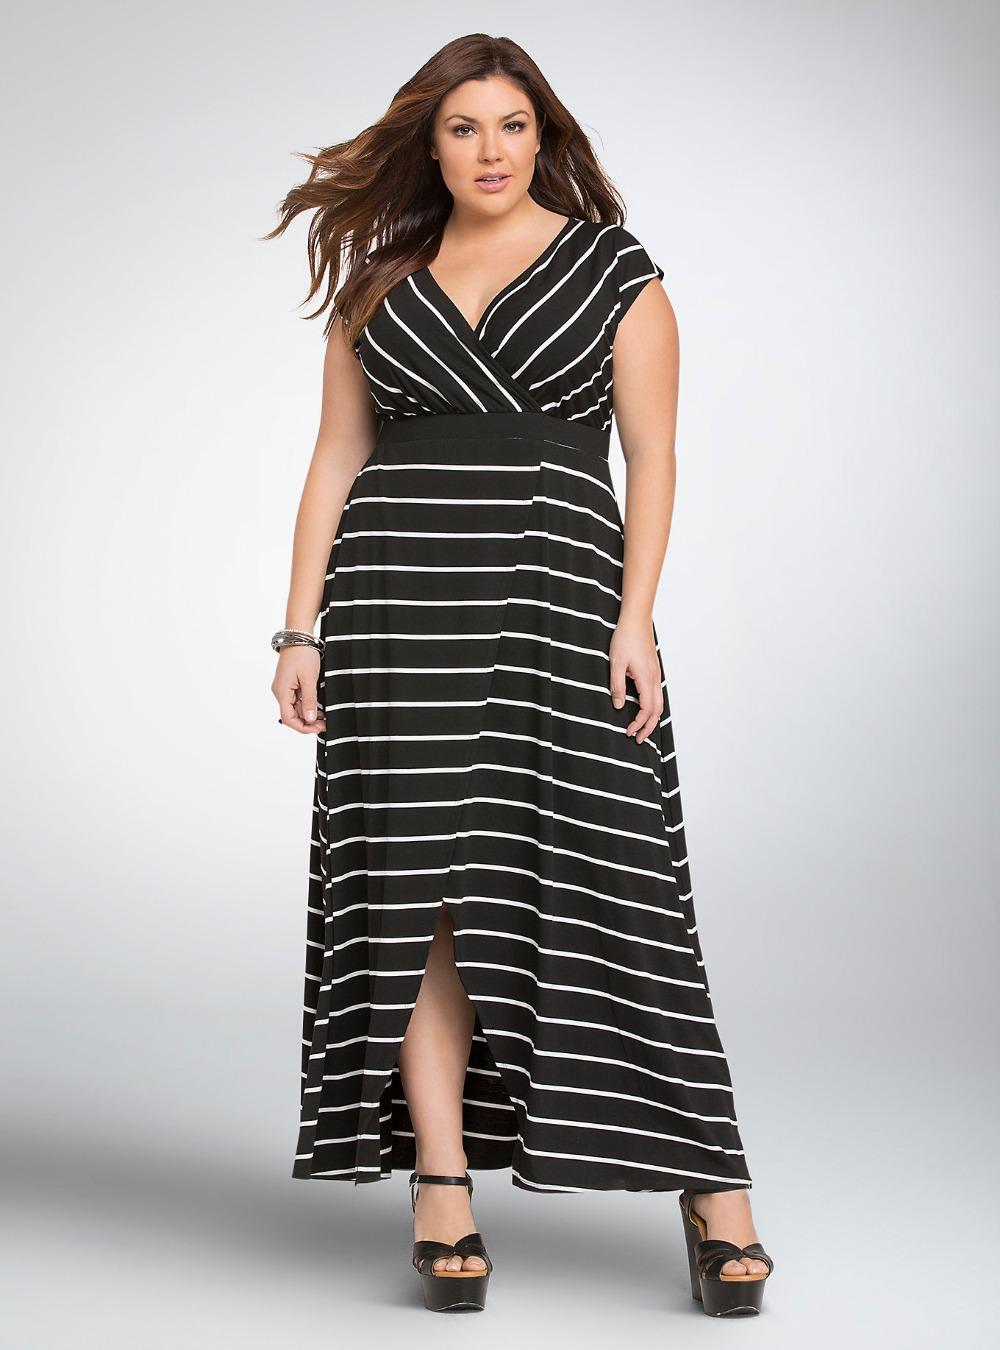 0d870d5f9e515 Büyük Beden Kadın Elbise Modelleri | Moda Sitesi - Modasyon.Net